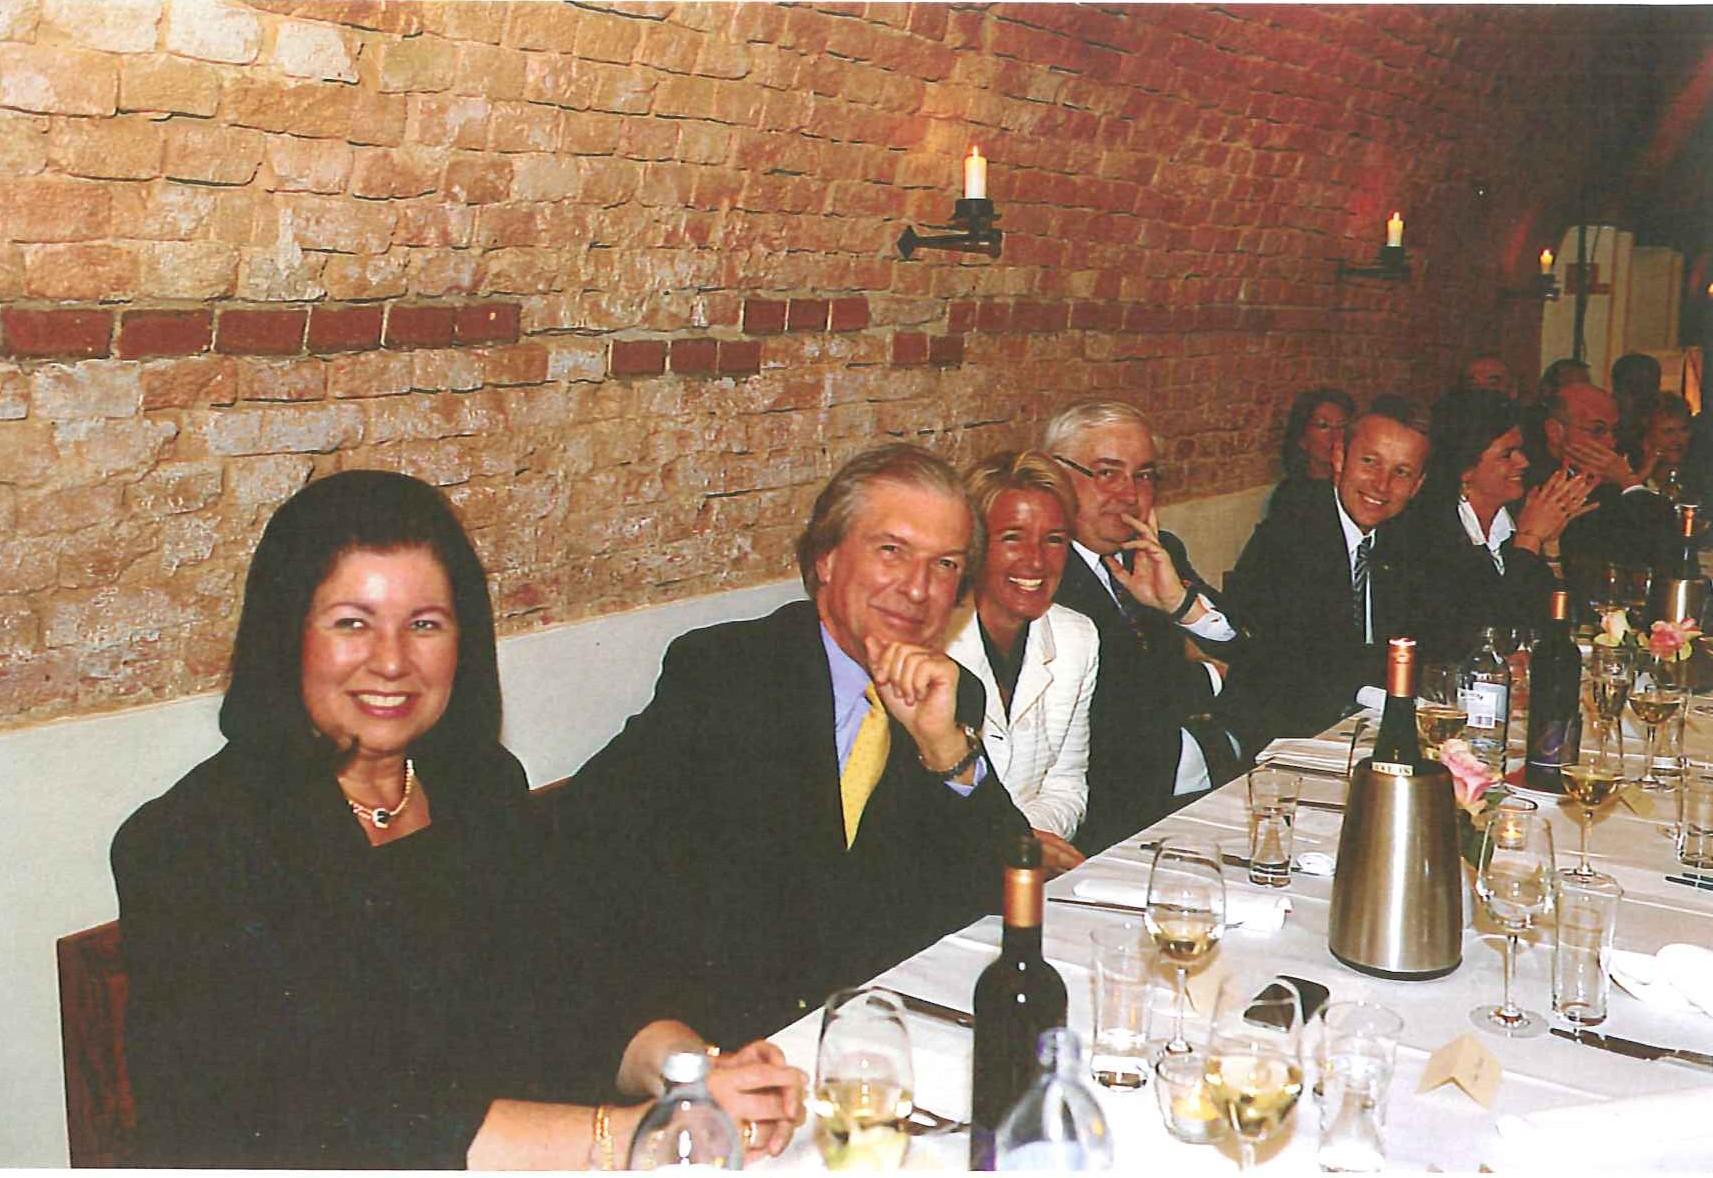 Anstoßen auf 60 erfolgreiche Jahre: Charlotte Rothensteiner, Jubilar Friedrich Stickler, seine Frau Berit, Walter Rothensteiner und reinhold Lopatka. (C) Privat